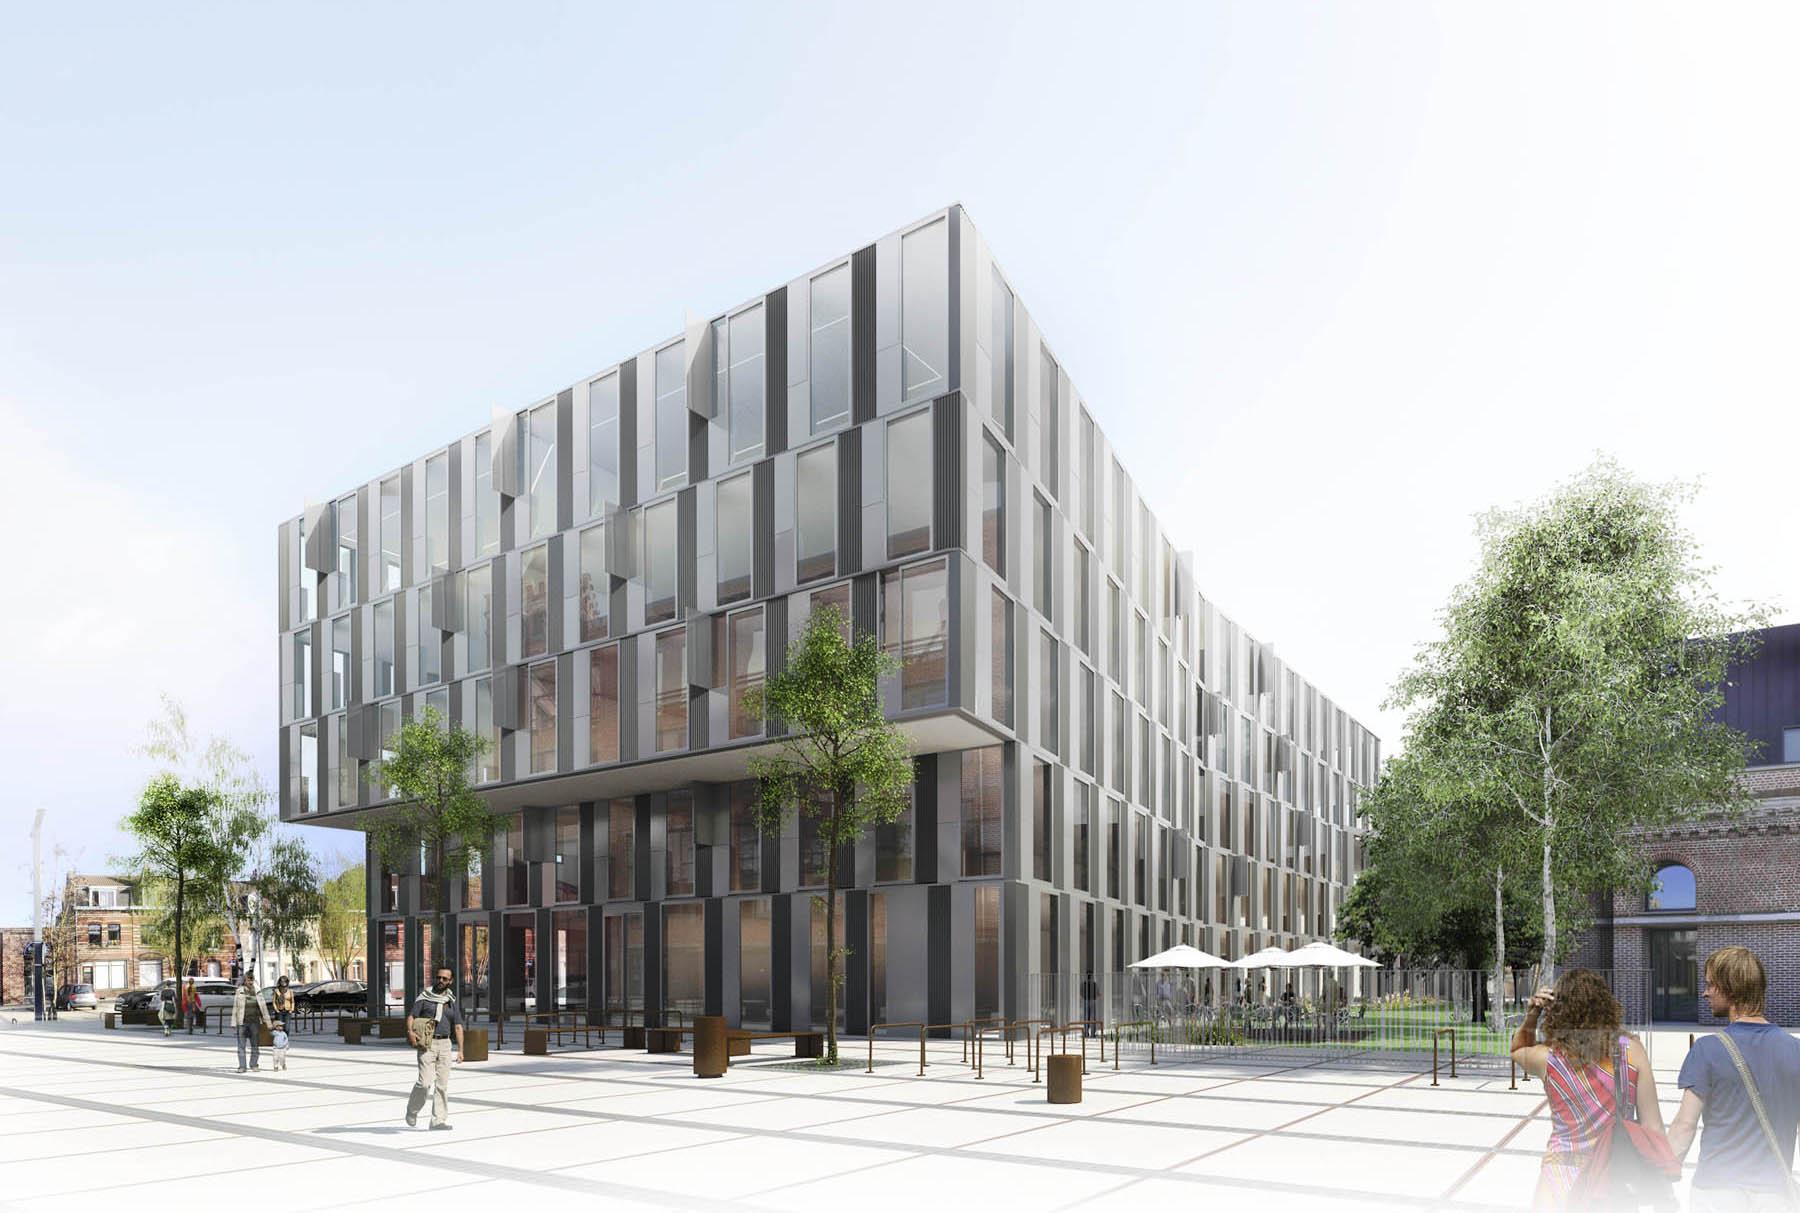 Image de synthèse de Concours d'Architecture